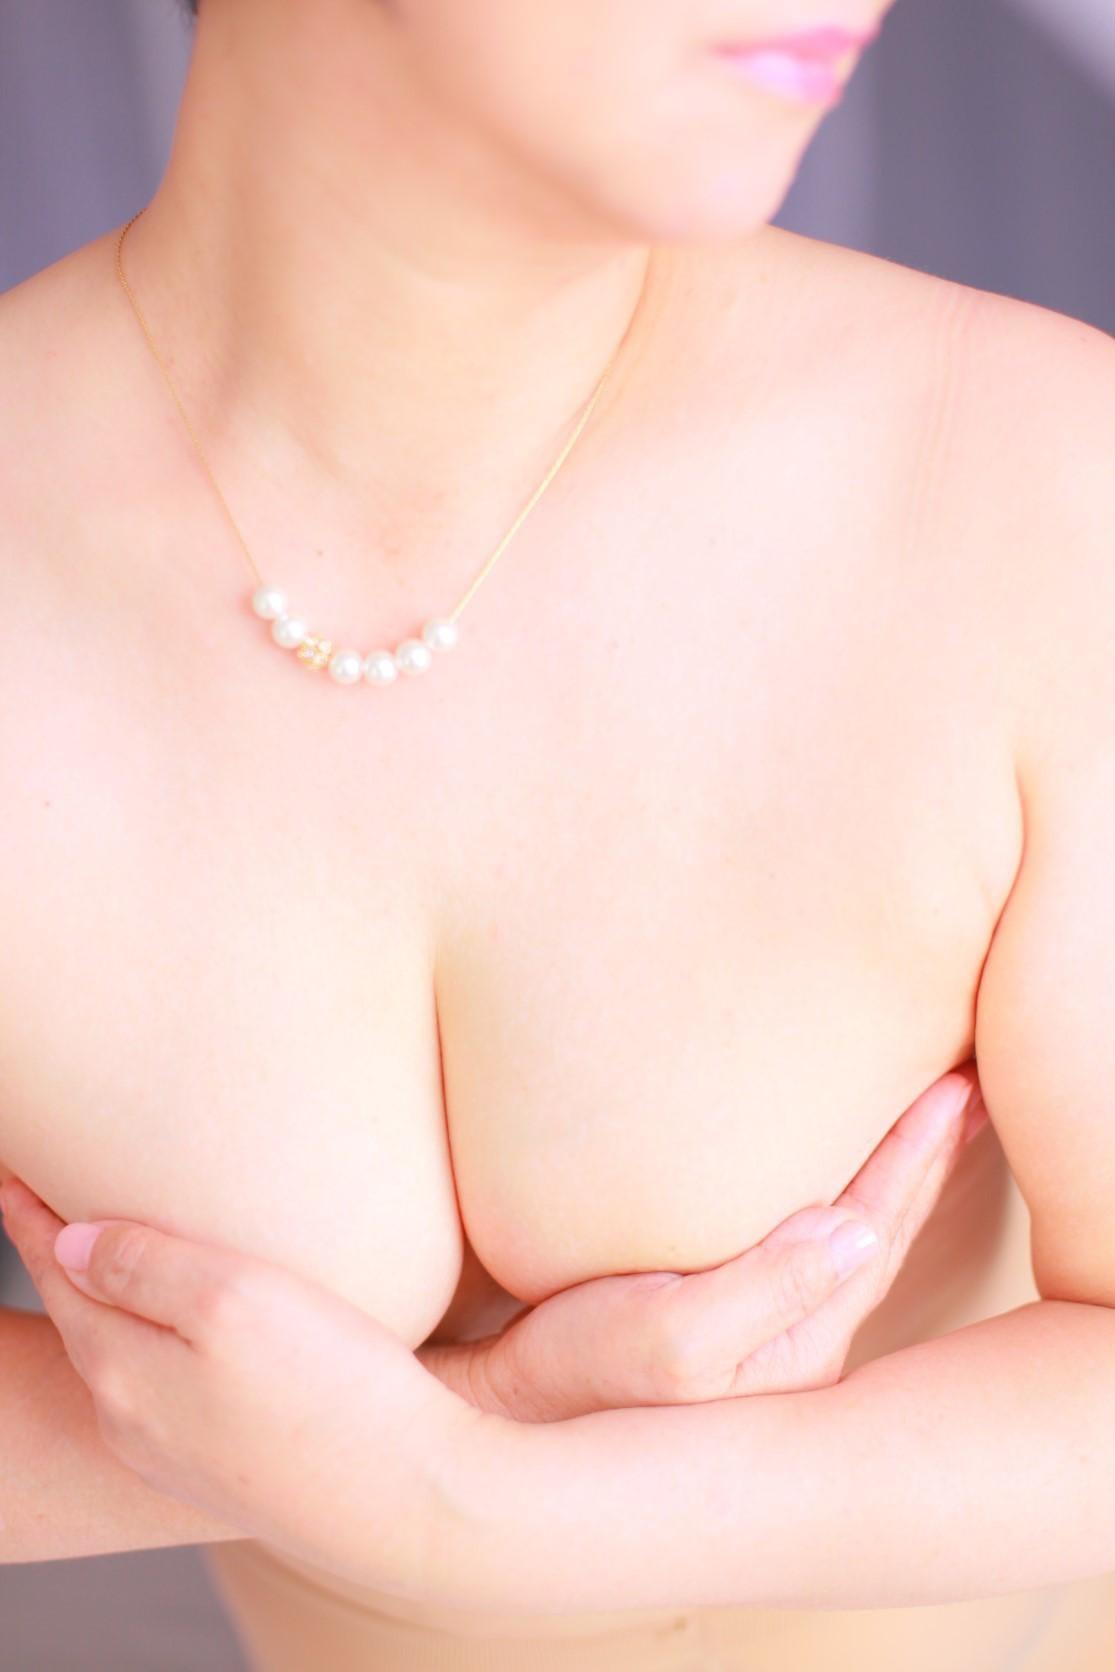 「おはようございます!」03/31(03/31) 12:36 | しずか 清楚系熟妻の写メ・風俗動画